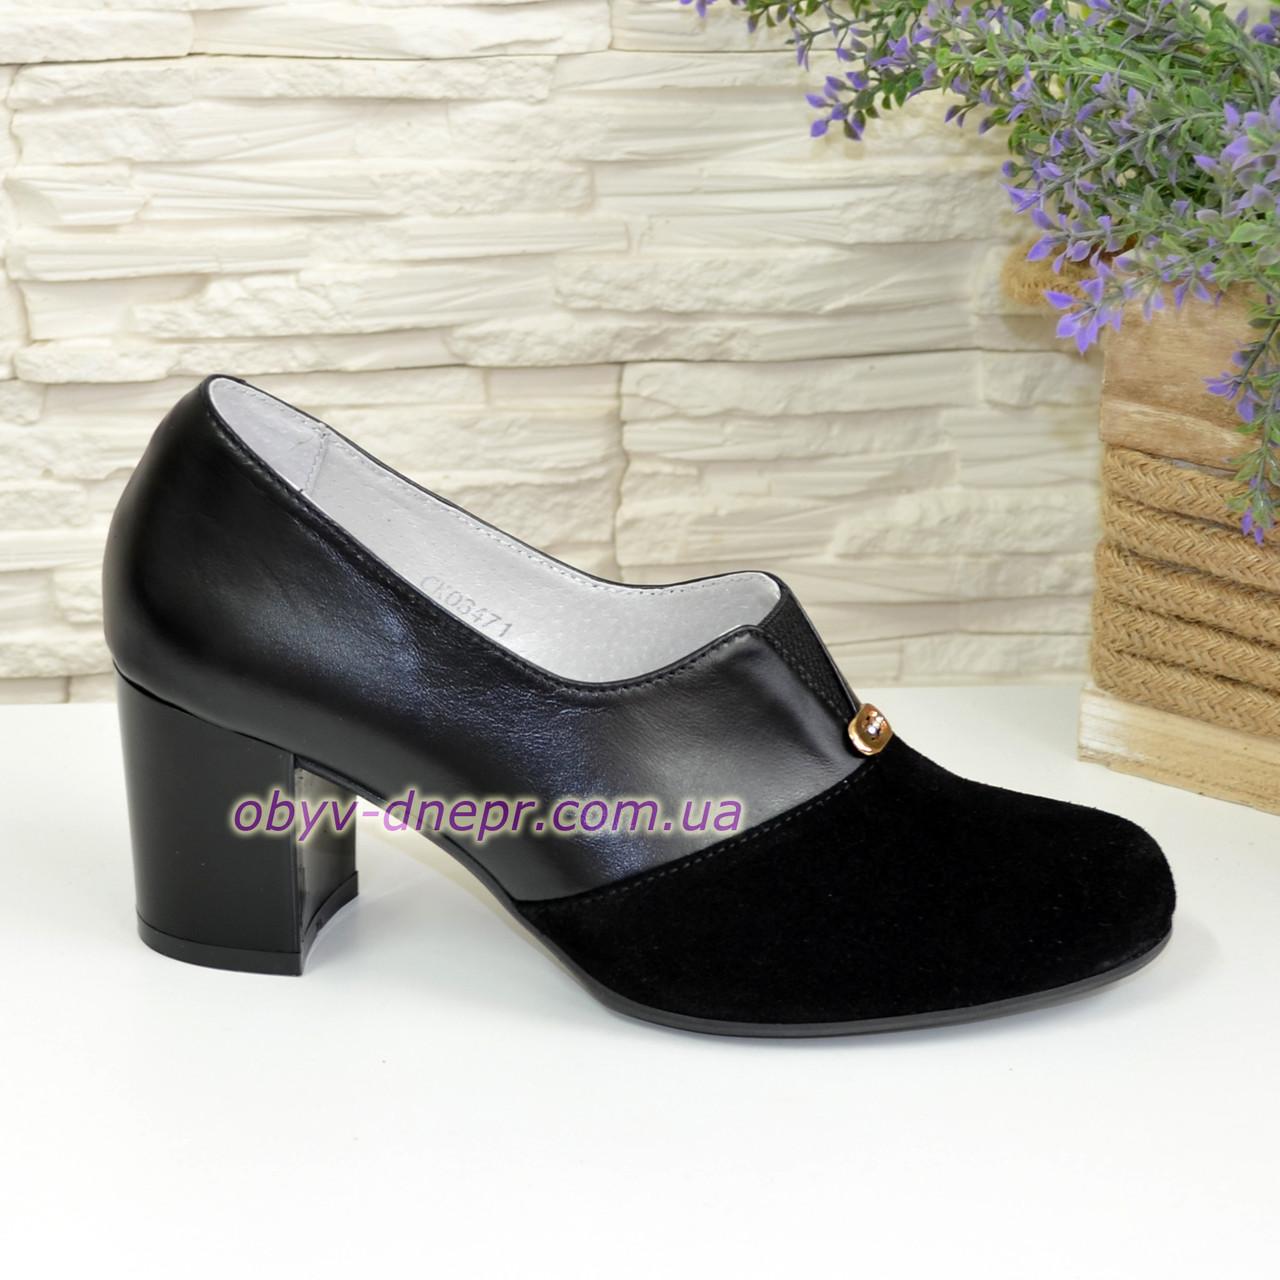 56a2cd5aa8ce Женские классические черные туфли на каблуке, декорированы фурнитурой. Натуральная  замша и кожа